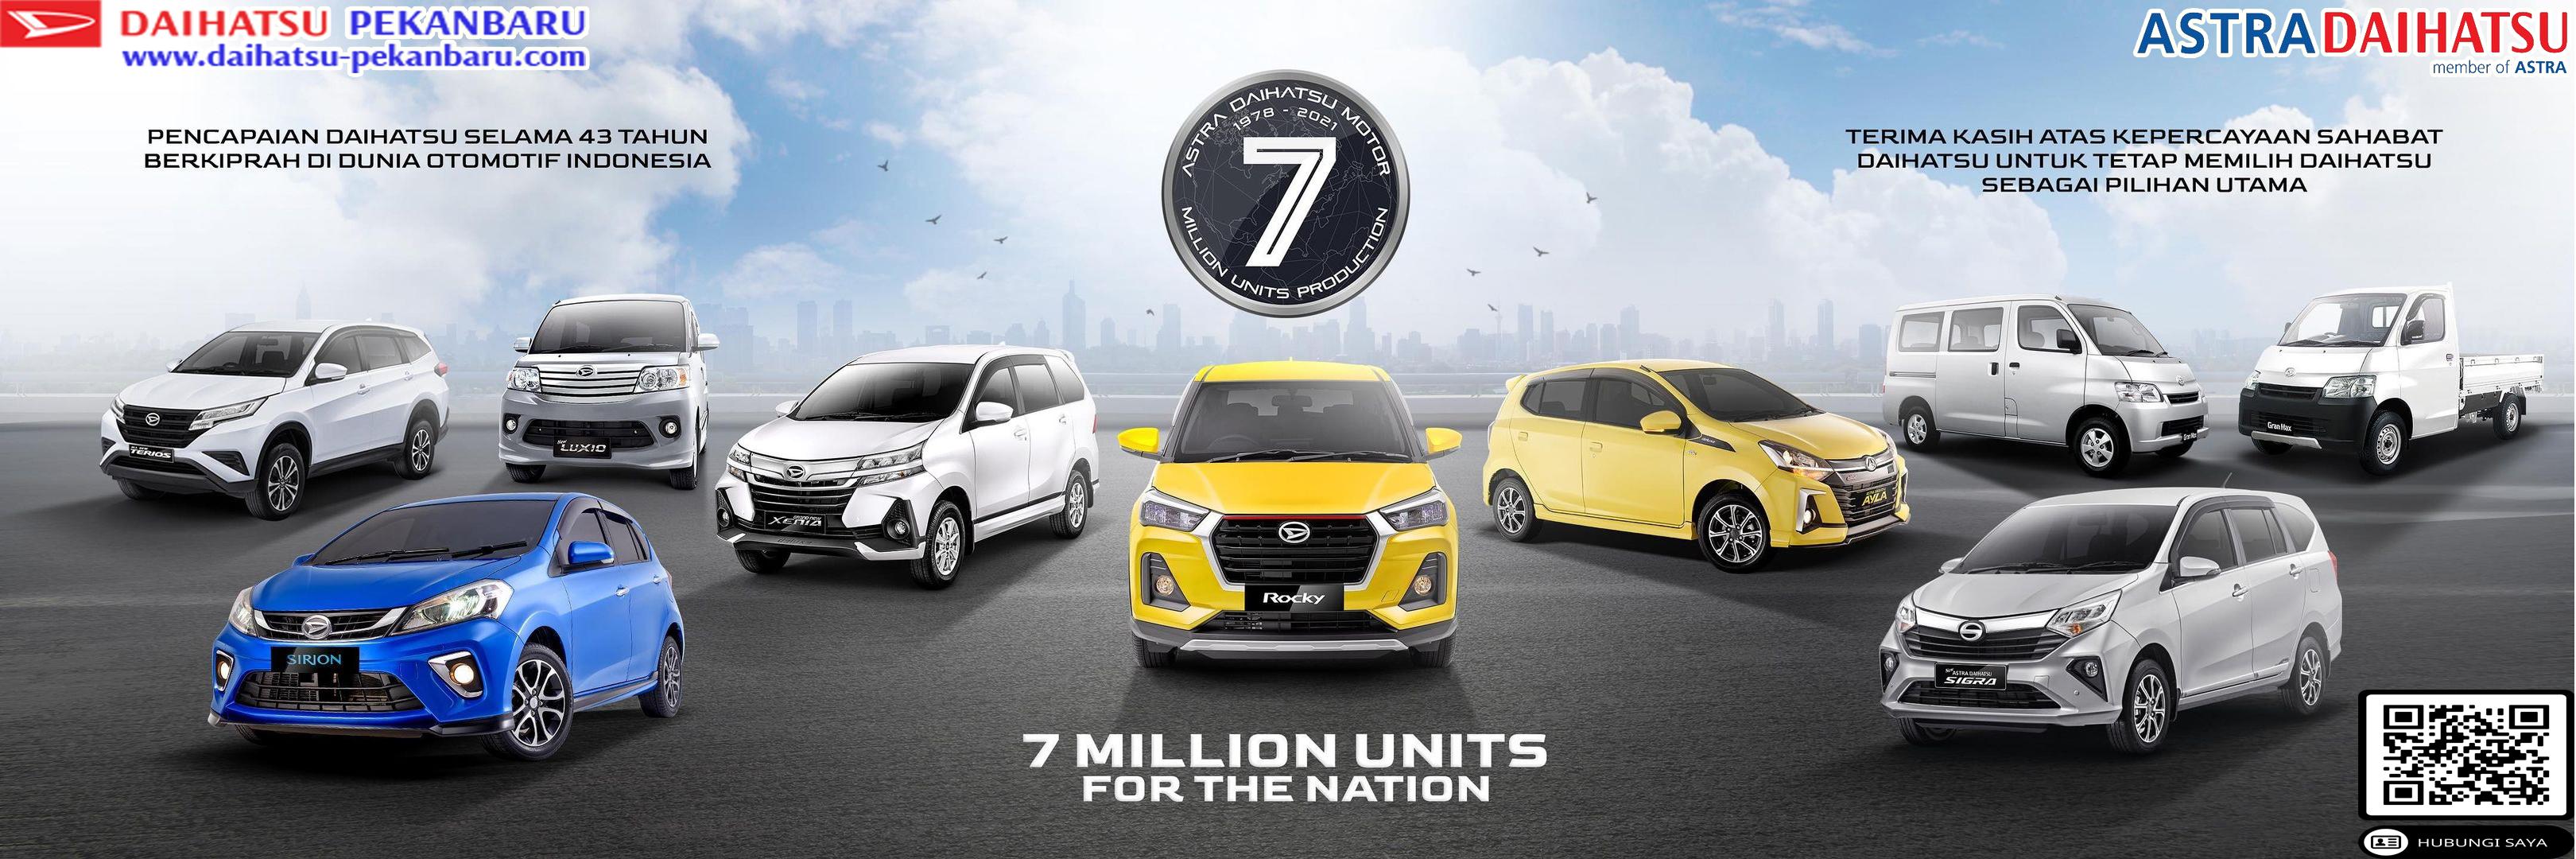 PPnBM Diperpanjang Saatnya Beli Mobil Daihatsu Pekanbaru